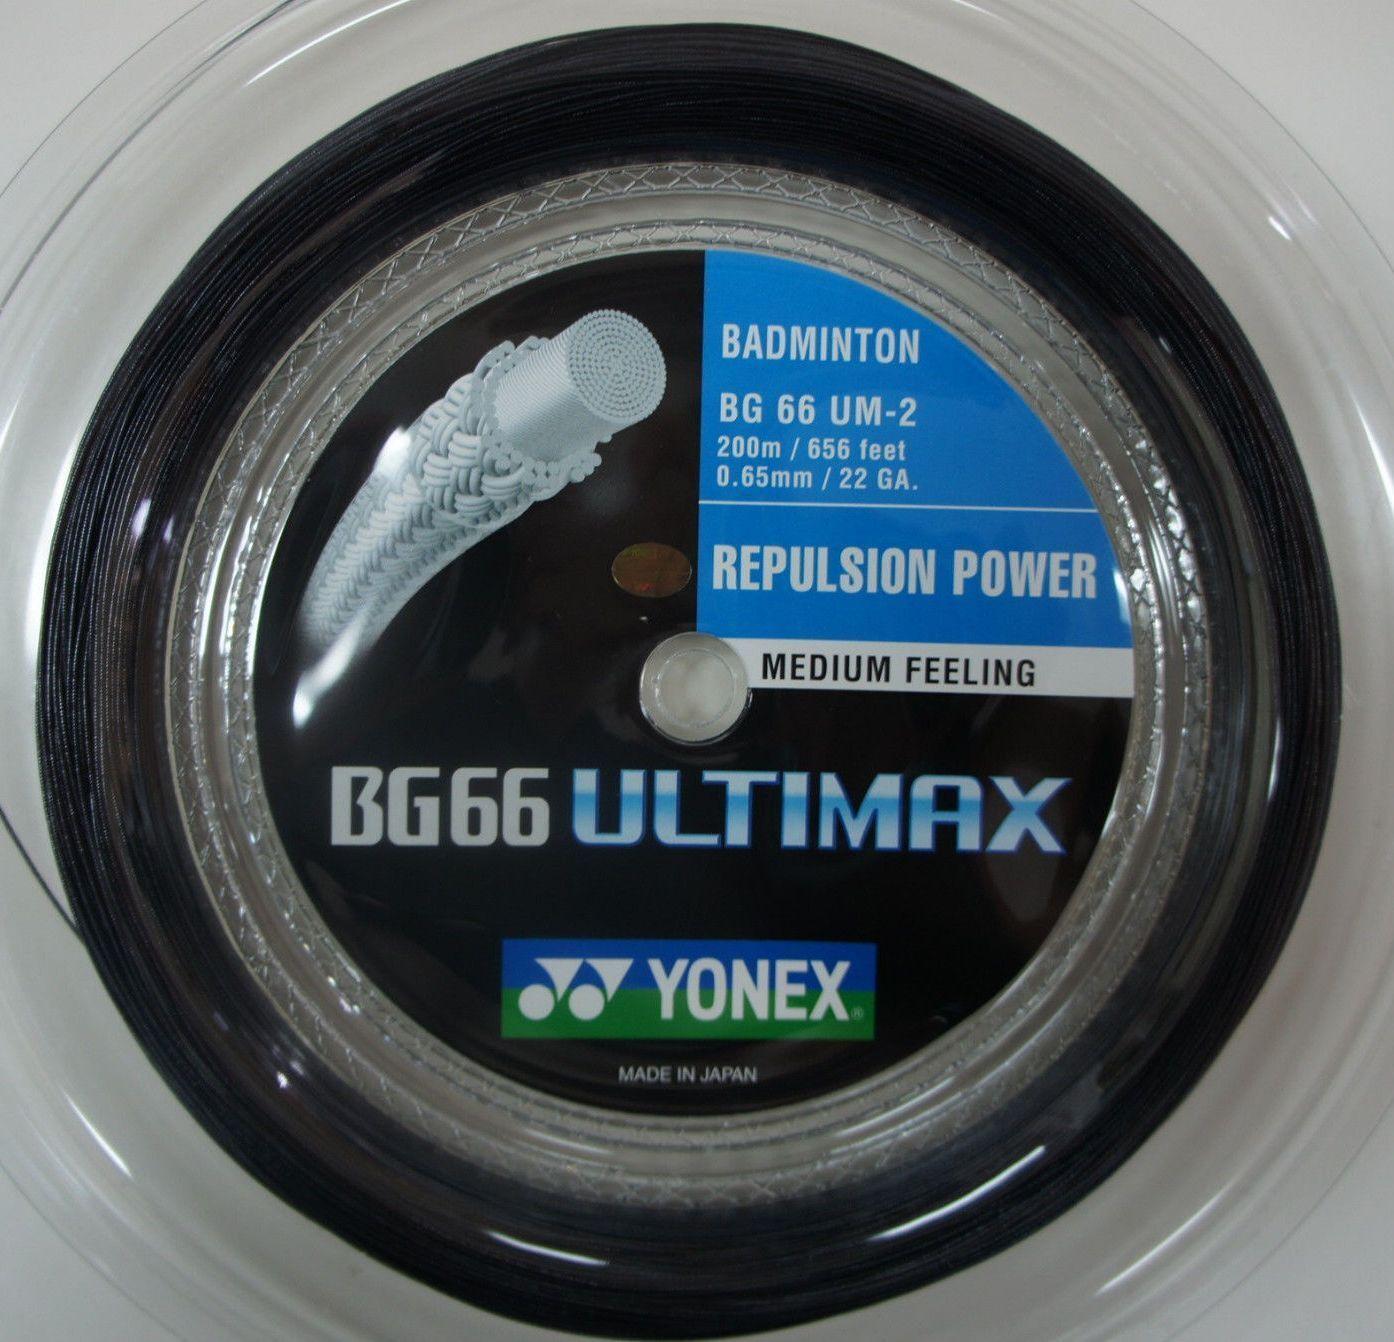 Yonex BG-66 BG-66 BG-66 Ultimax 200m Rolle rot oder schwarz Badminton Schläger NEU WOW 56eac6